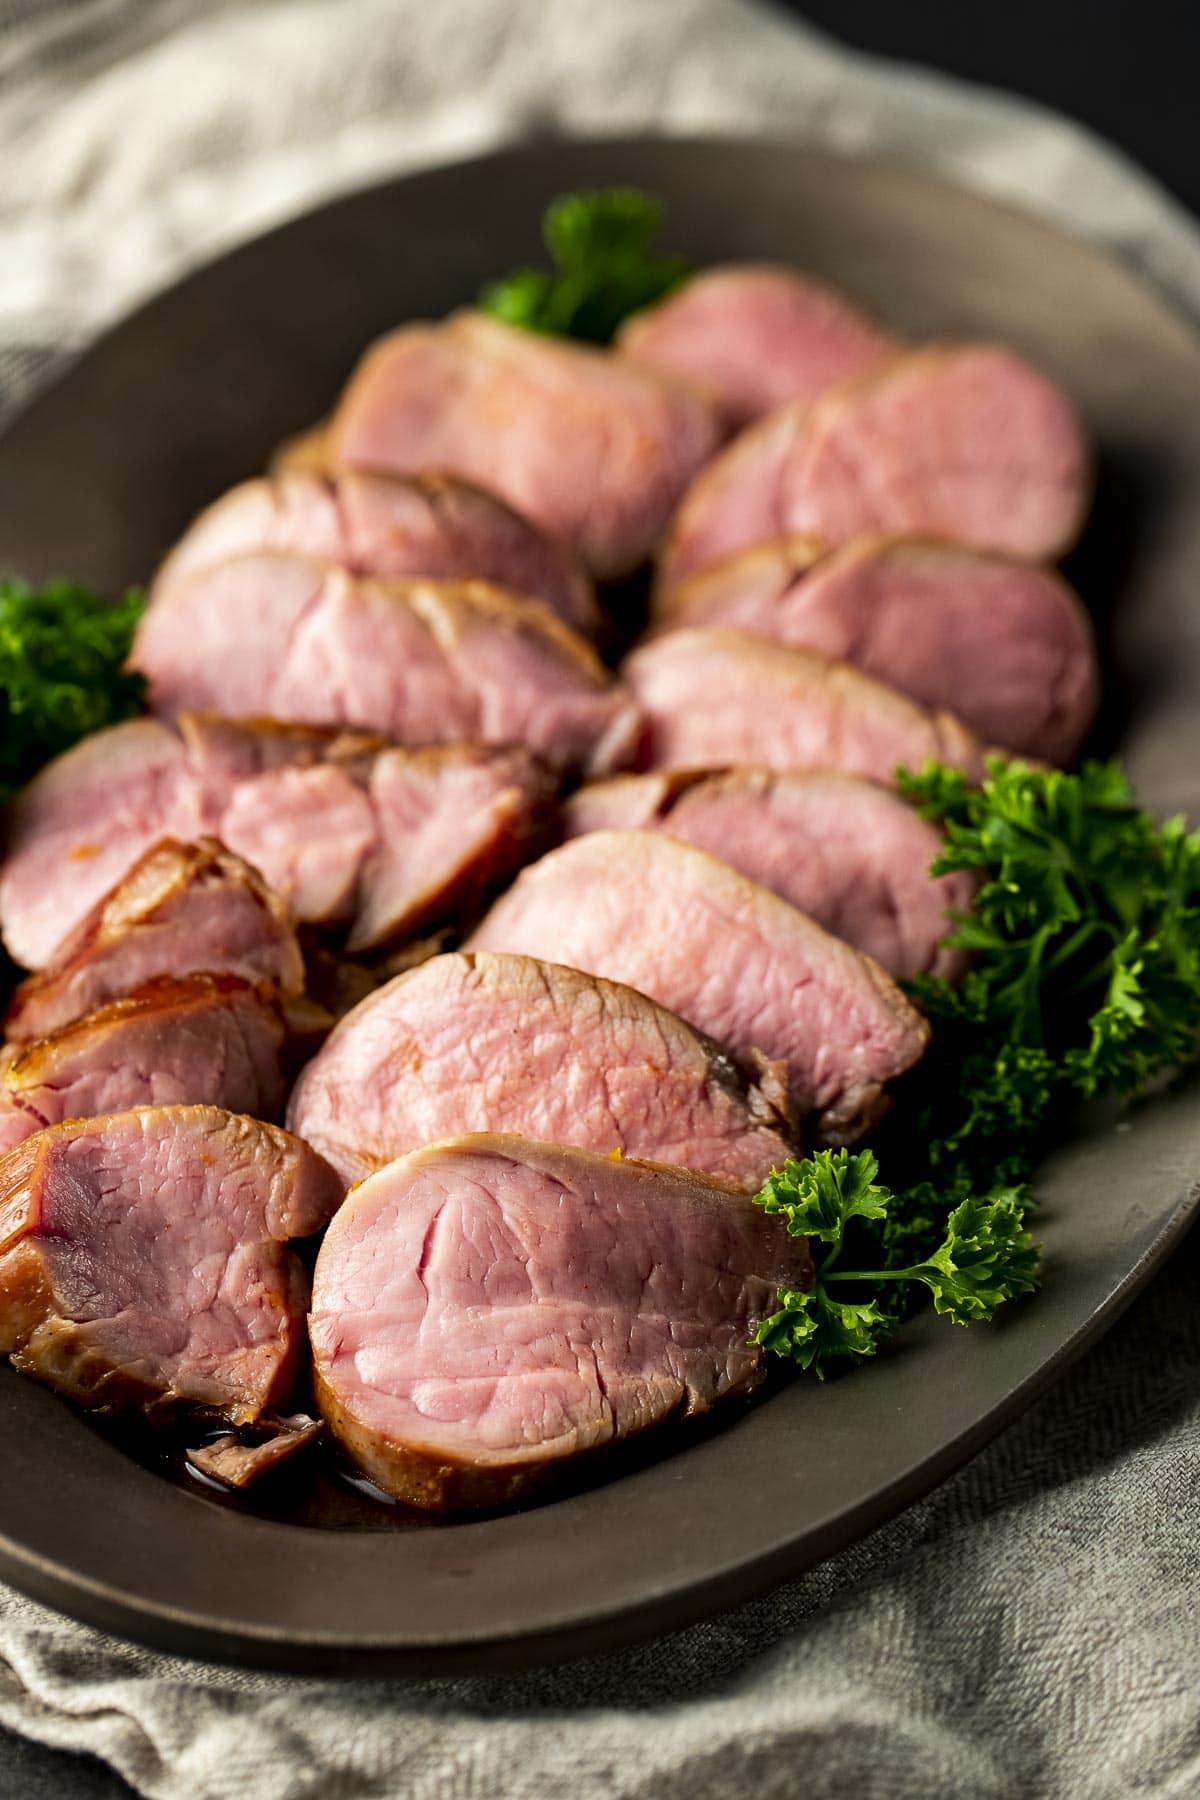 Slices of pork tenderloin arranged on a platter.